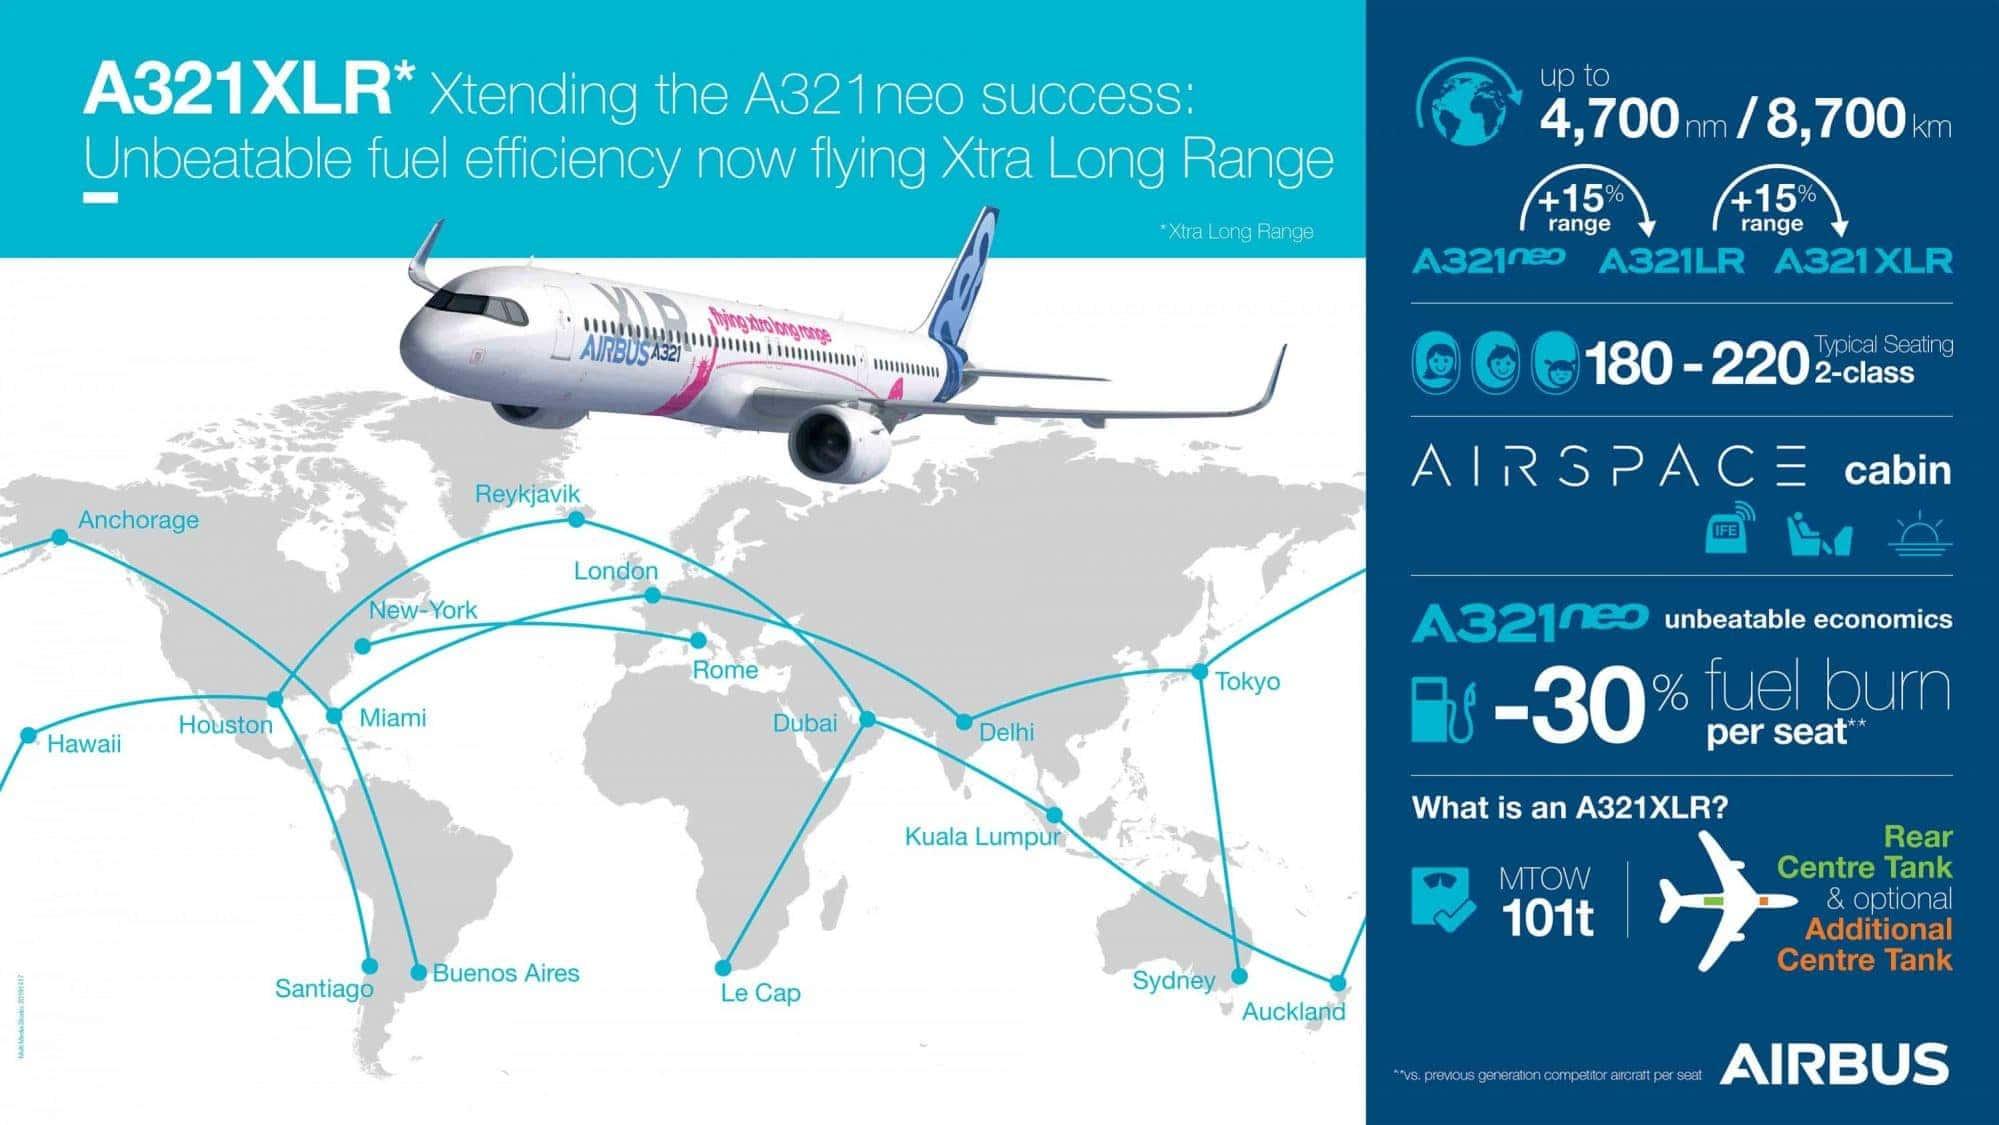 Airbus เปิดตัว A321XLR เครื่องบินทางเดินเดียวรุ่นที่ยาวที่สุด - Airbus เปิดตัว A321XLR เครื่องบินทางเดินเดียวรุ่นที่ยาวที่สุด